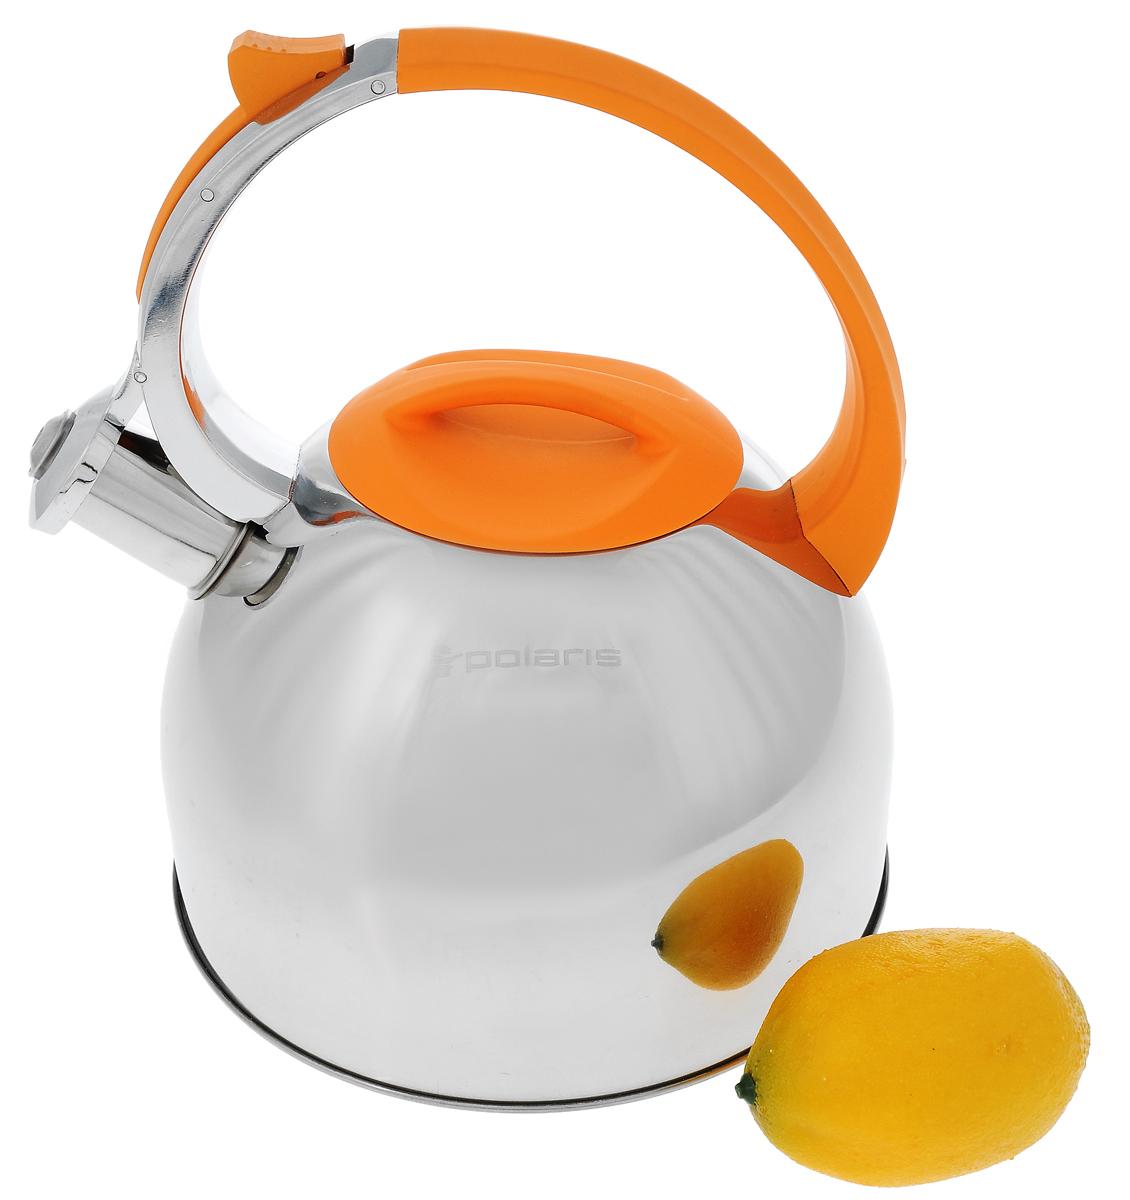 год для чайники для электрических плит вакансий популярных сайтов